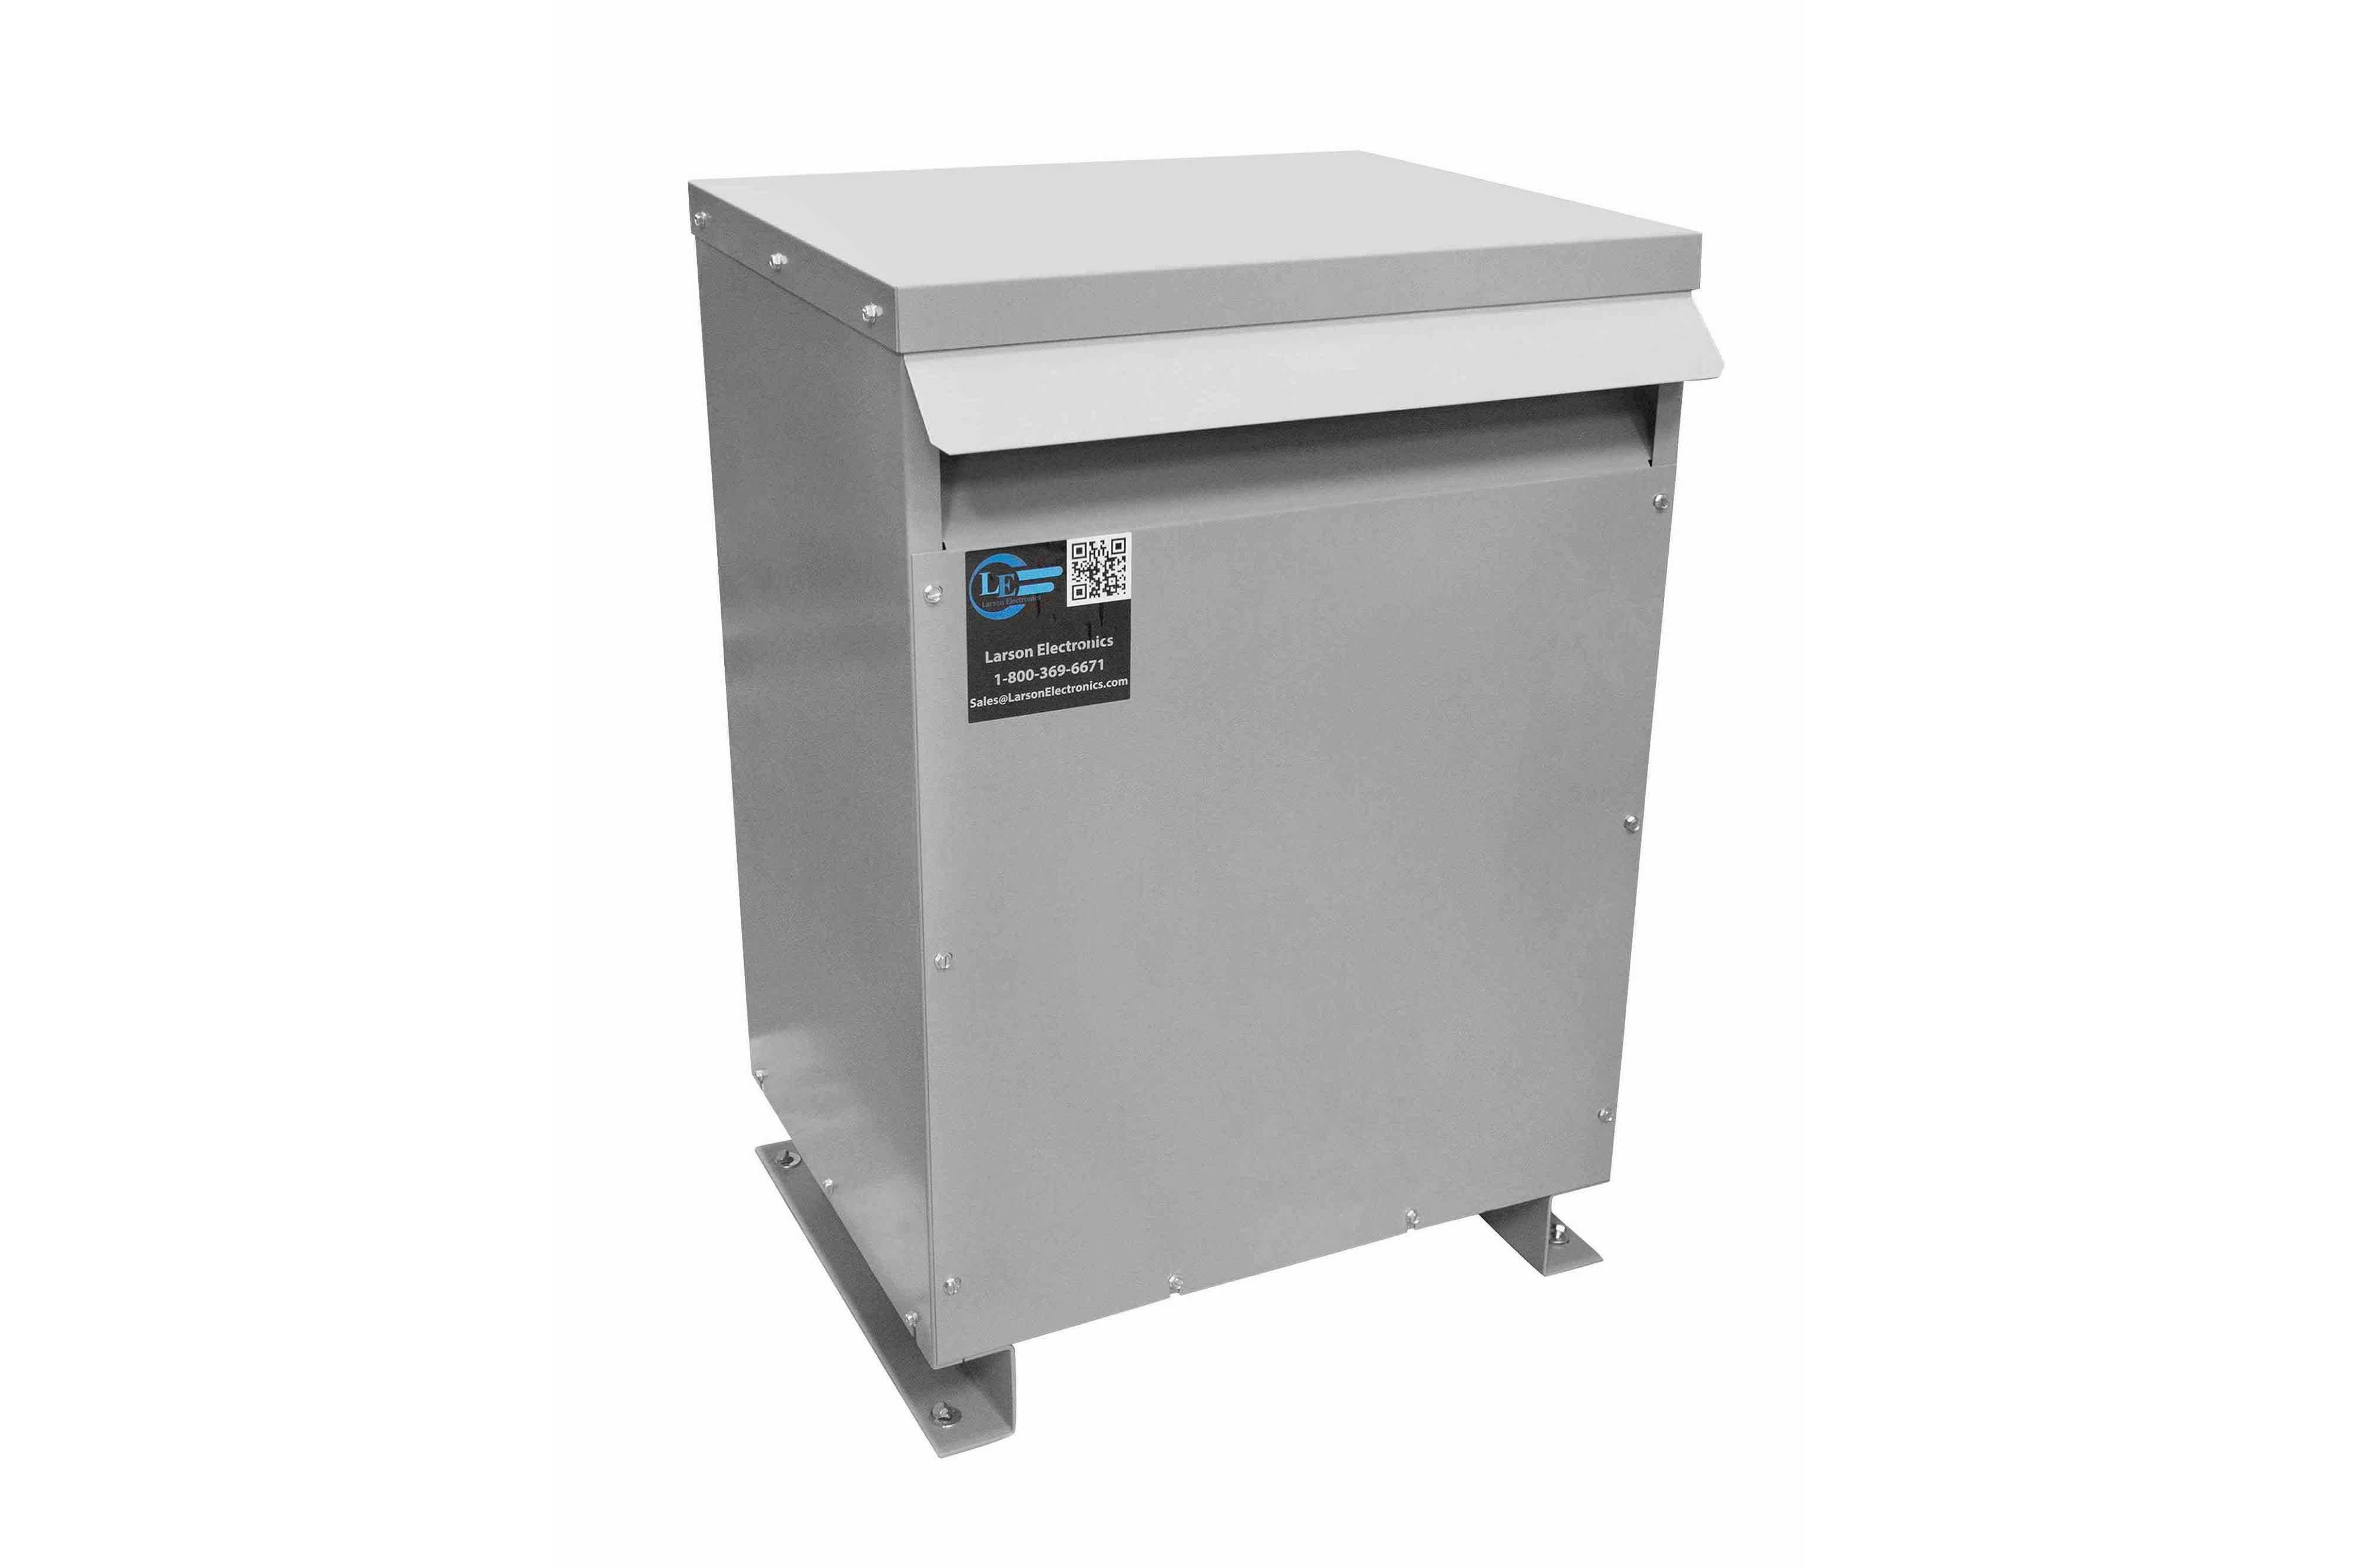 225 kVA 3PH Isolation Transformer, 460V Delta Primary, 380V Delta Secondary, N3R, Ventilated, 60 Hz